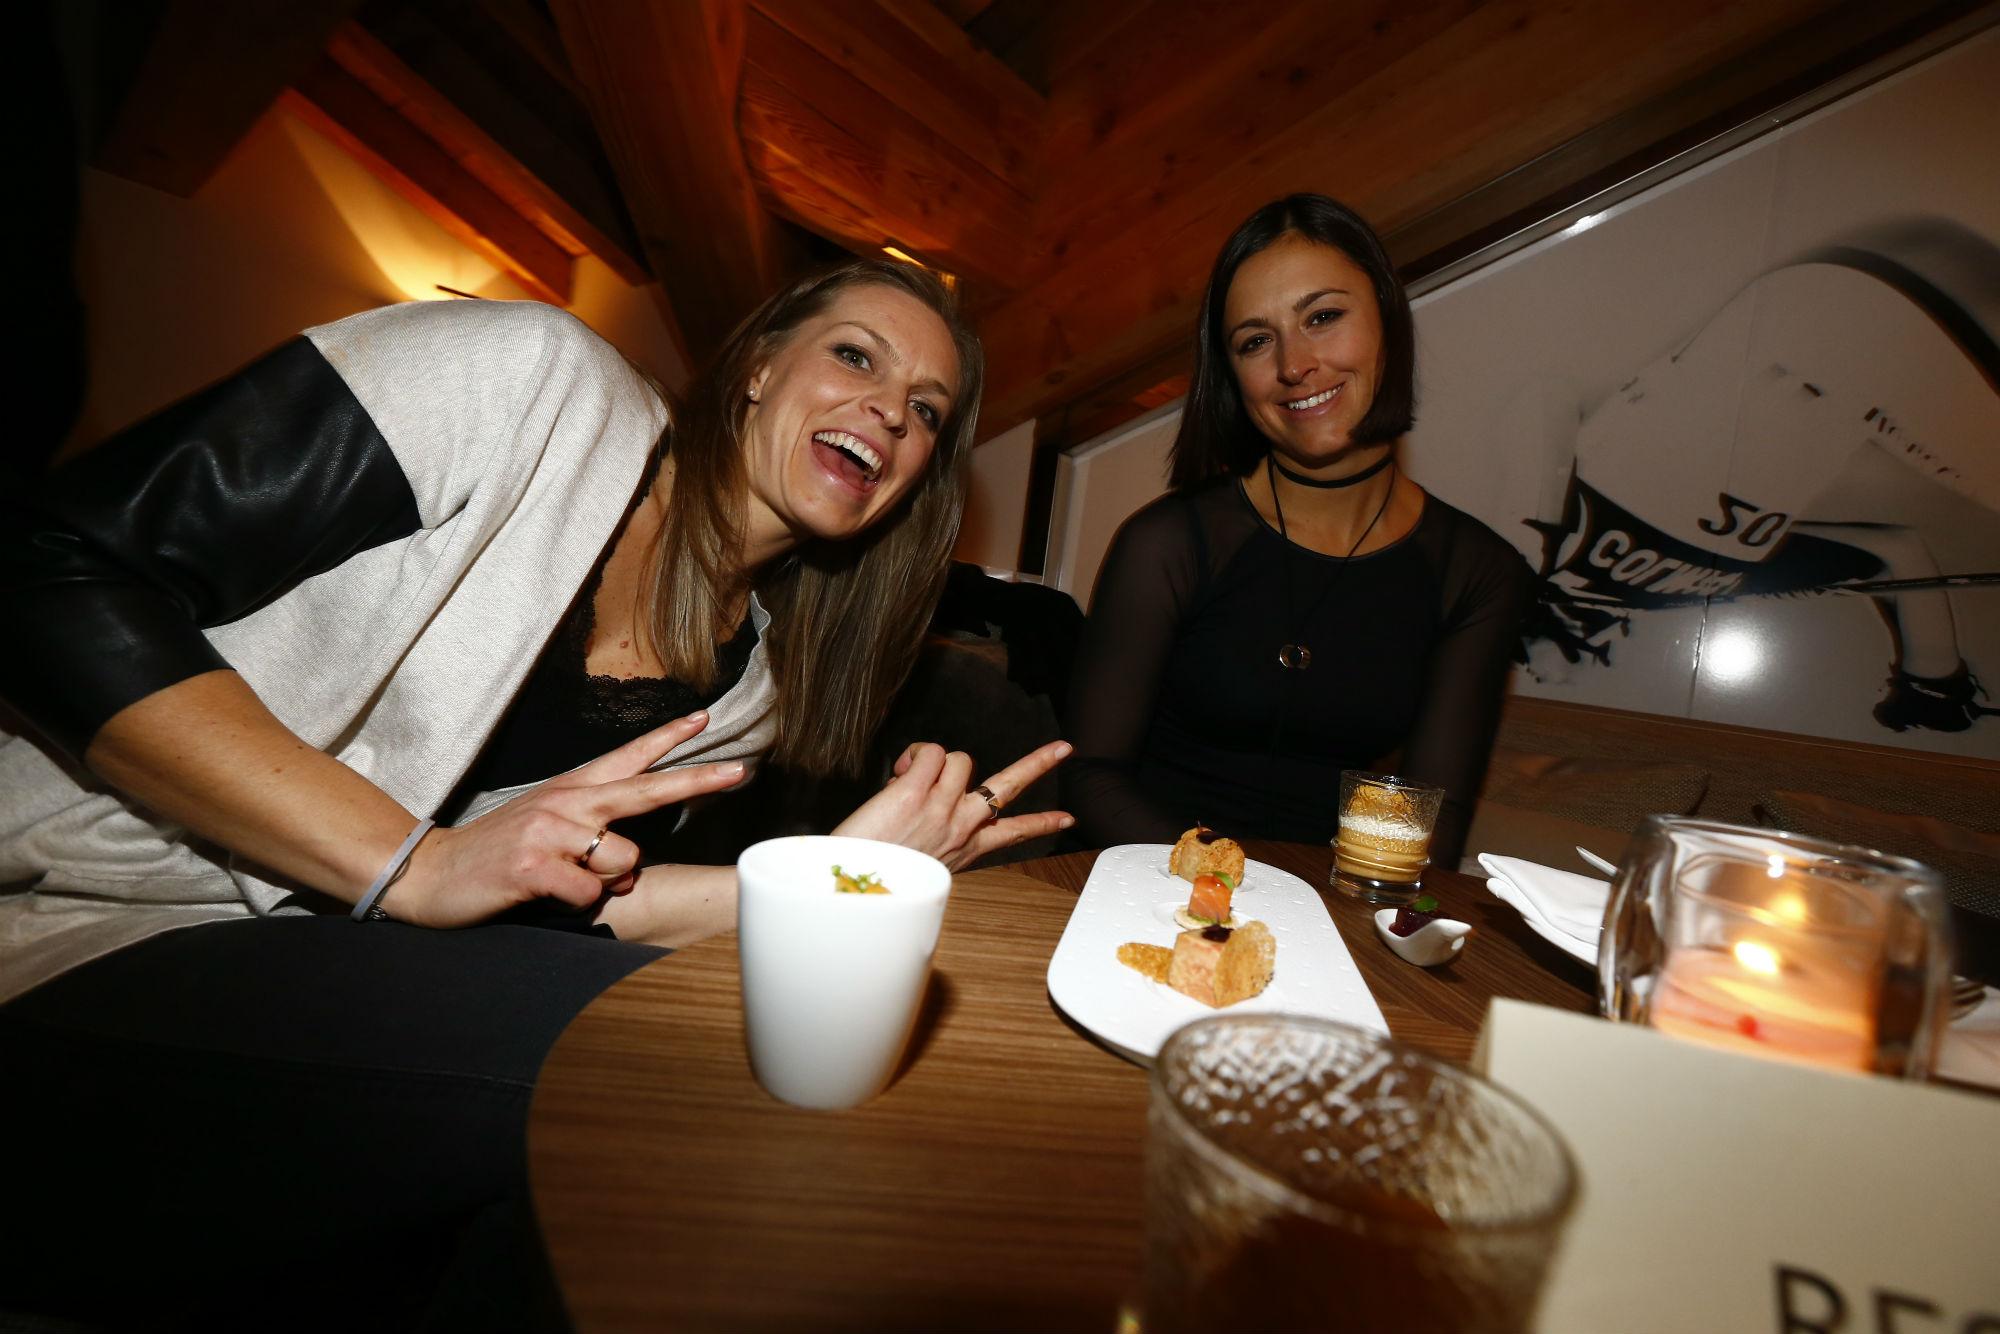 Manuela Moelgg e Irene Curtoni in un momento di relax al Lounge della Rossignol (@Zoom agence)